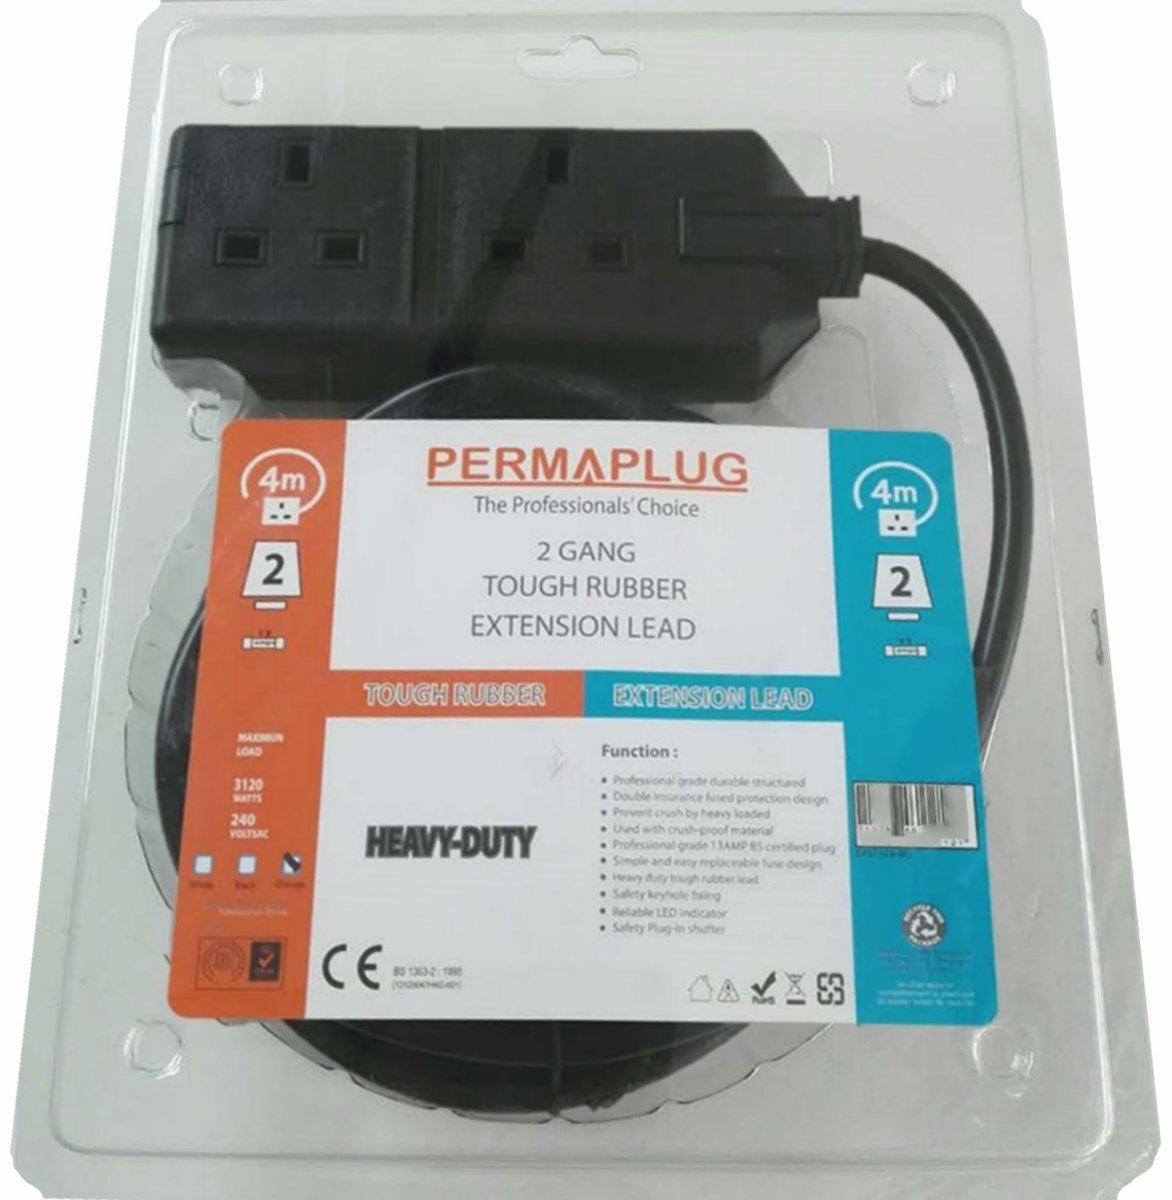 (專業版) 橡膠電拖板, 2插位, 13A, 250V, 黑色, 4米, 1.5mm²